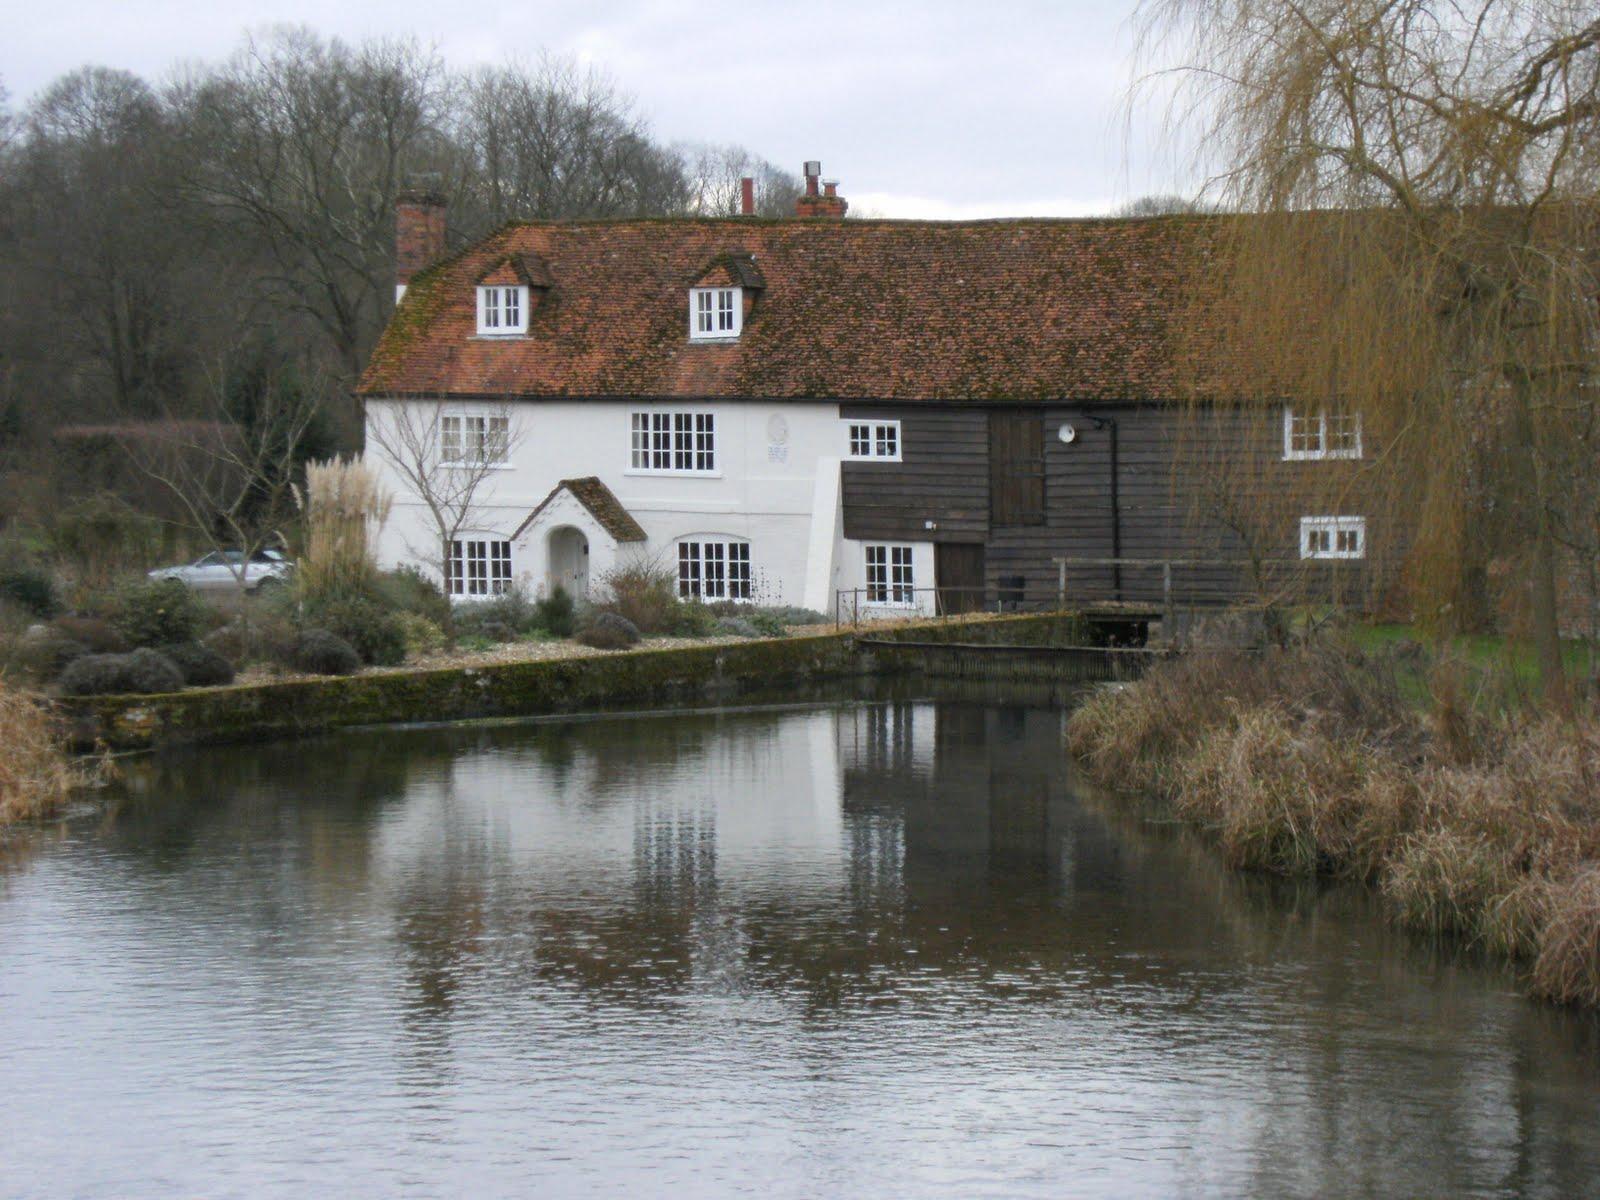 DSCF0273(1) Bere Mill on River Test